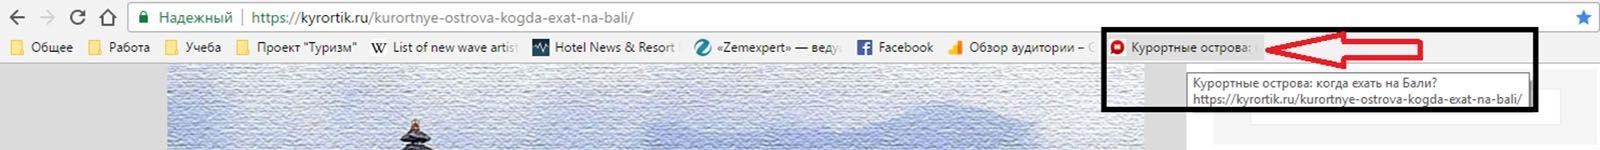 Сохраненная страница и ее расположение по стандартам Google